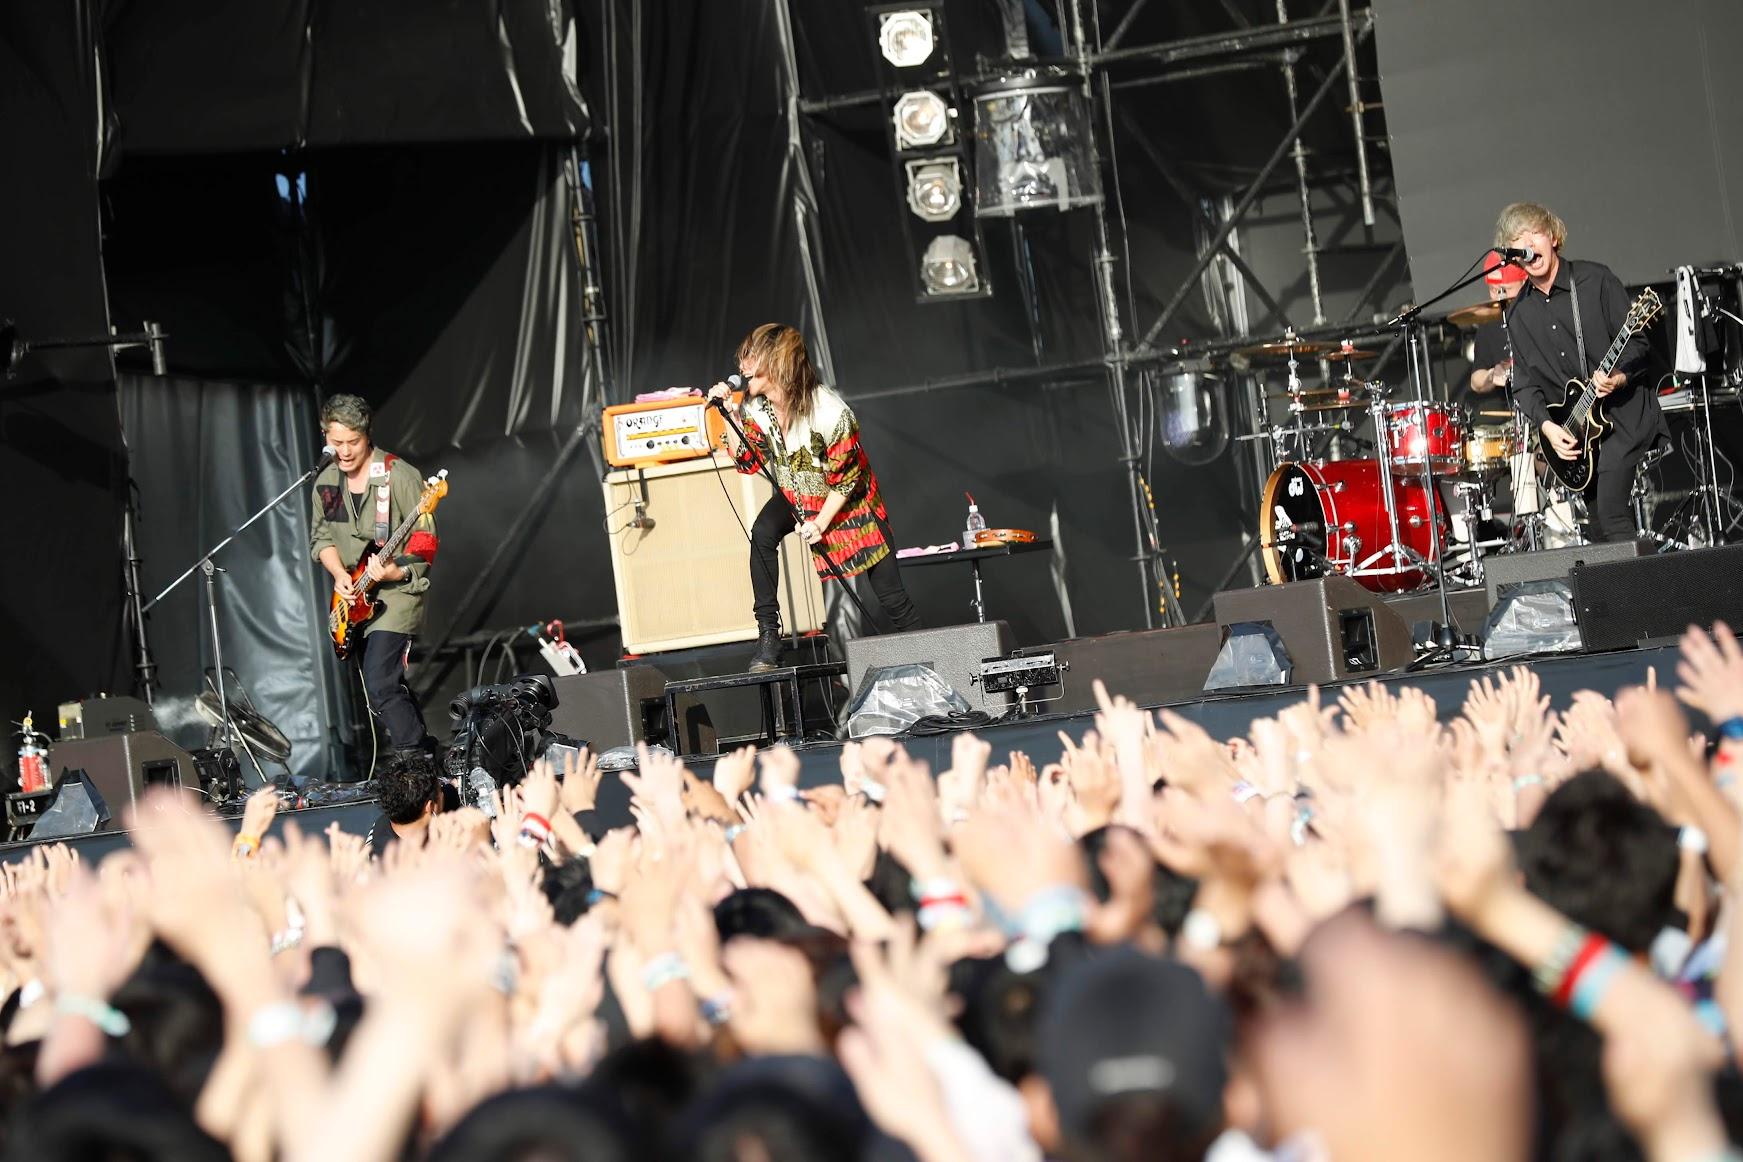 【迷迷現場】 JAPAN JAM 2019  SUPER BEAVER 具動搖人心力量的強大樂團